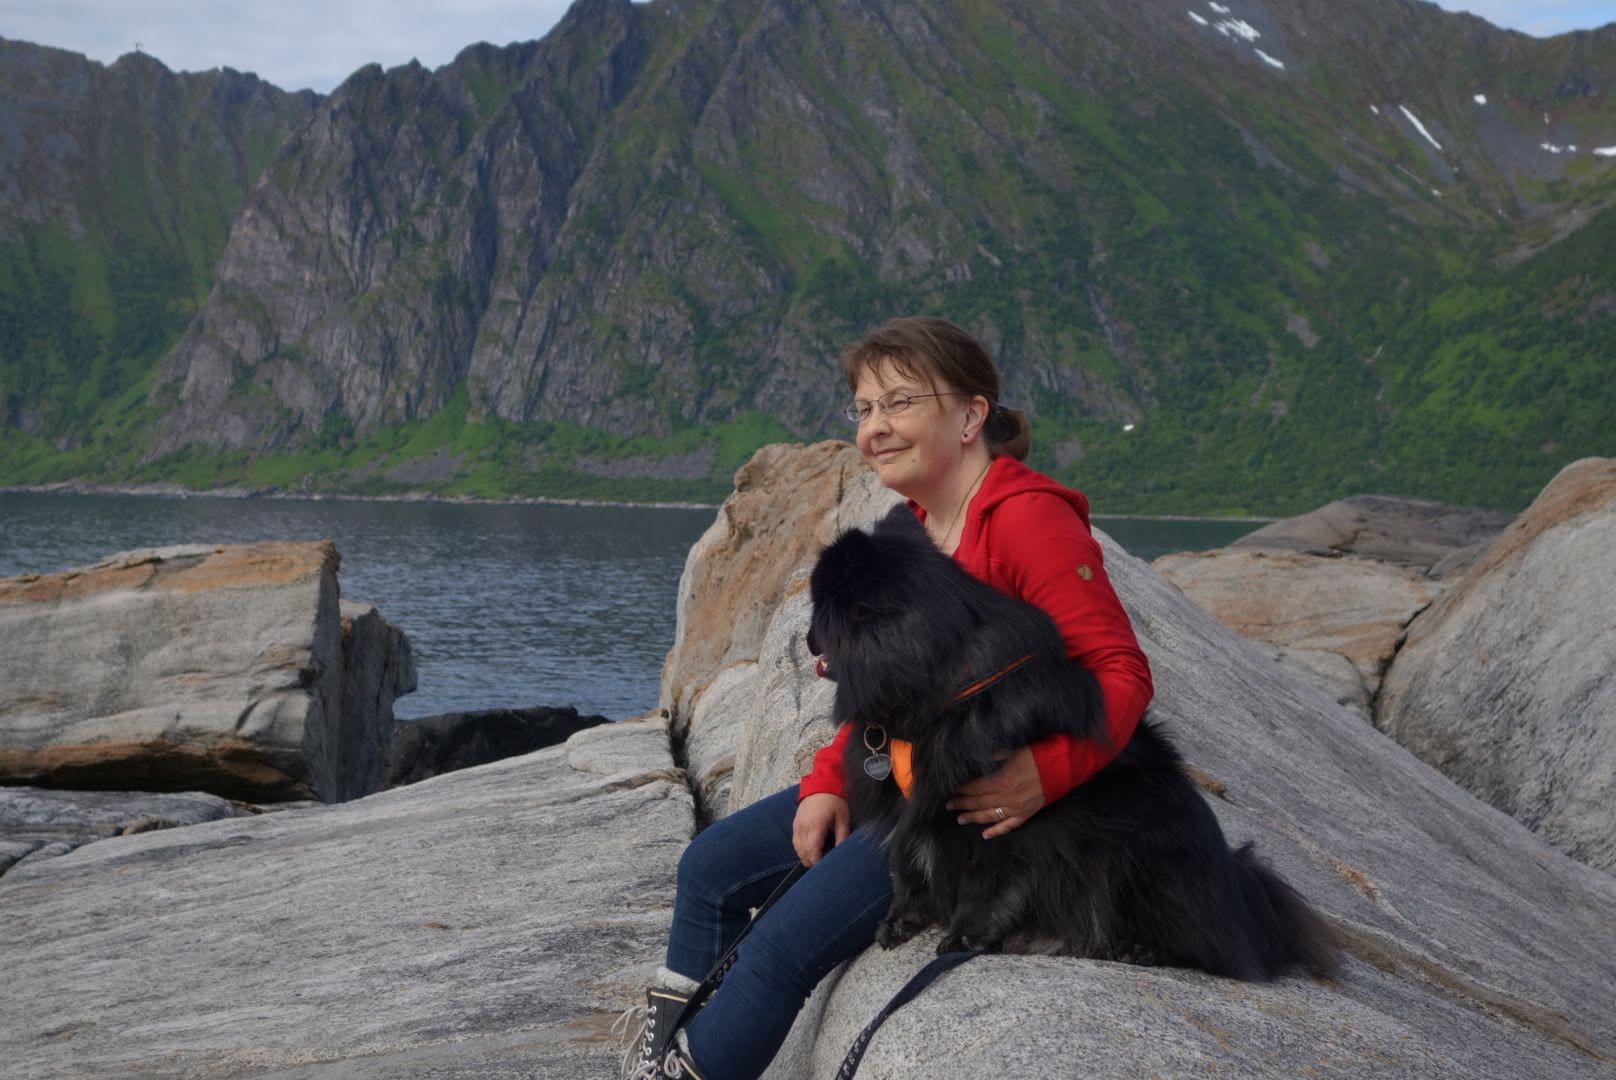 Punaiseen paitaan ja sinisiin farkkuihin pukeutunut nainen ja musta koira istuvat kivellä, järvimaisemassa.